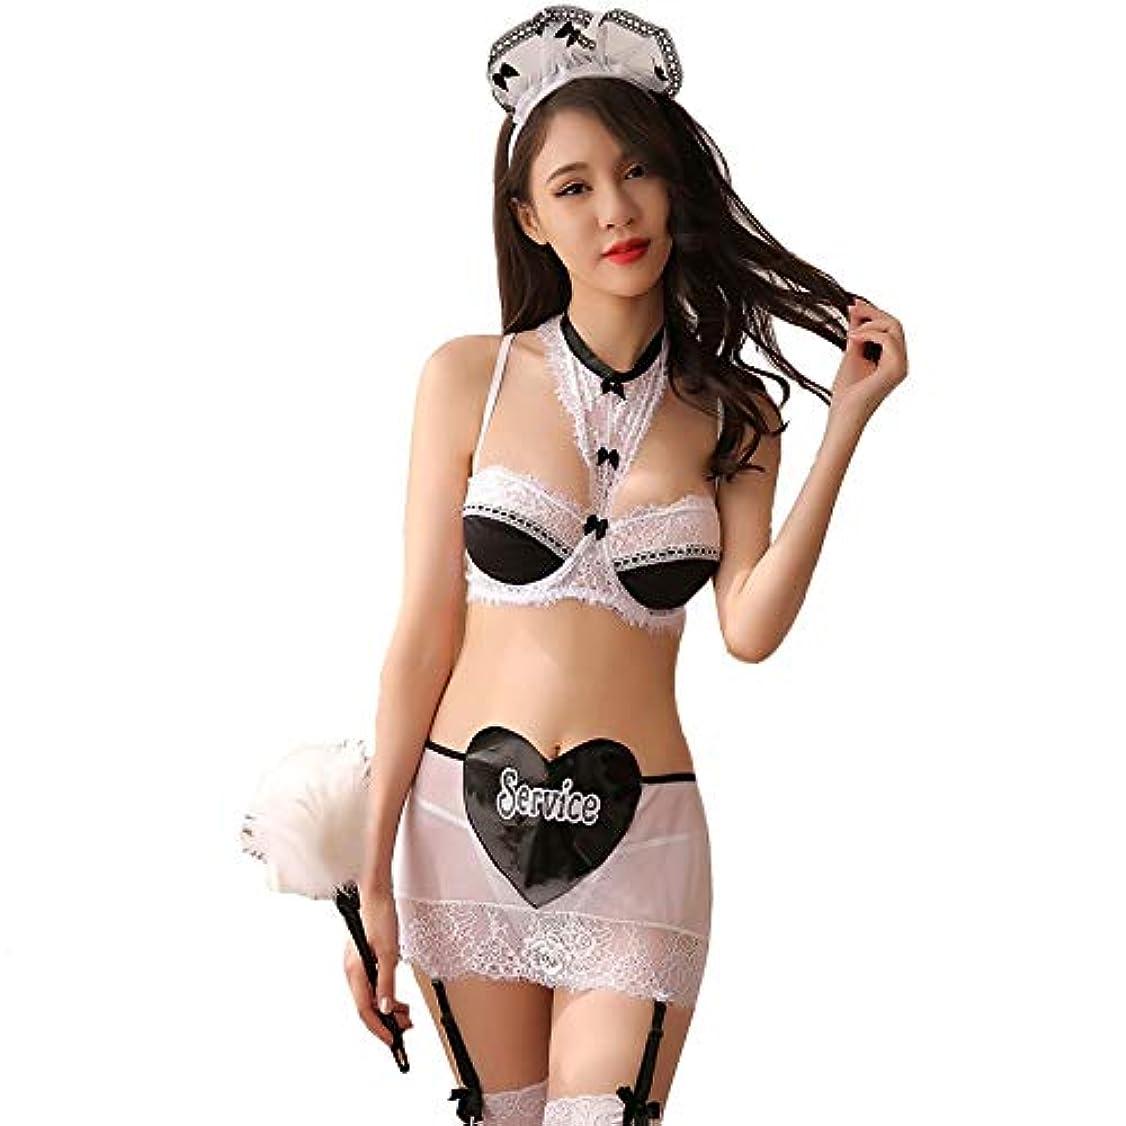 灰学校の先生受け入れたXiaopf メイド制服透明 女性下着とブラジャーの愛の形セクシーなランジェリー下着エロランジェリー